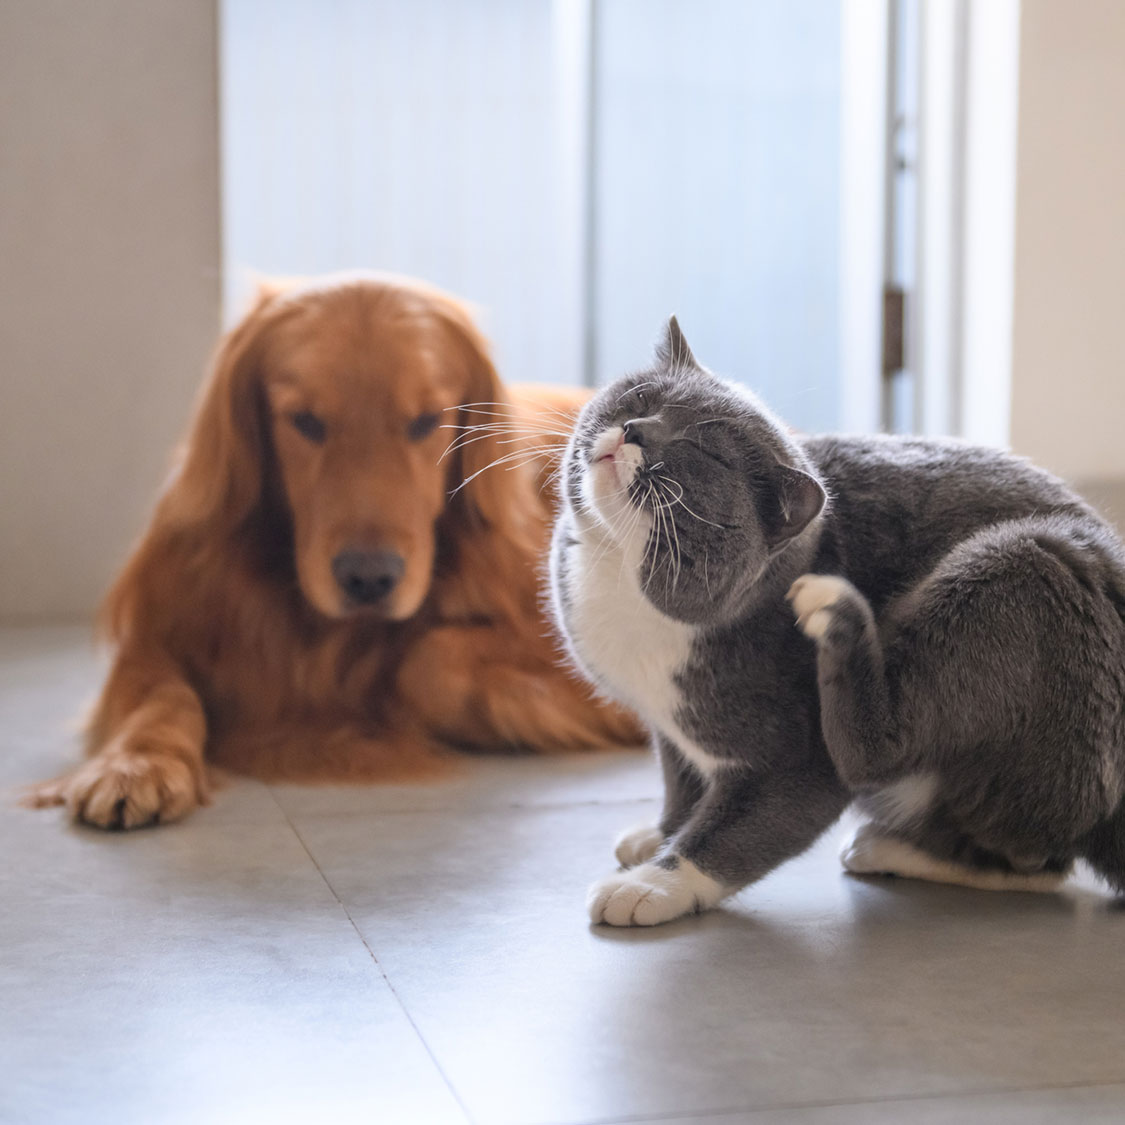 강아지 고양이가 피가 날 정도로 긁고 깨물어요! ㅠㅠ